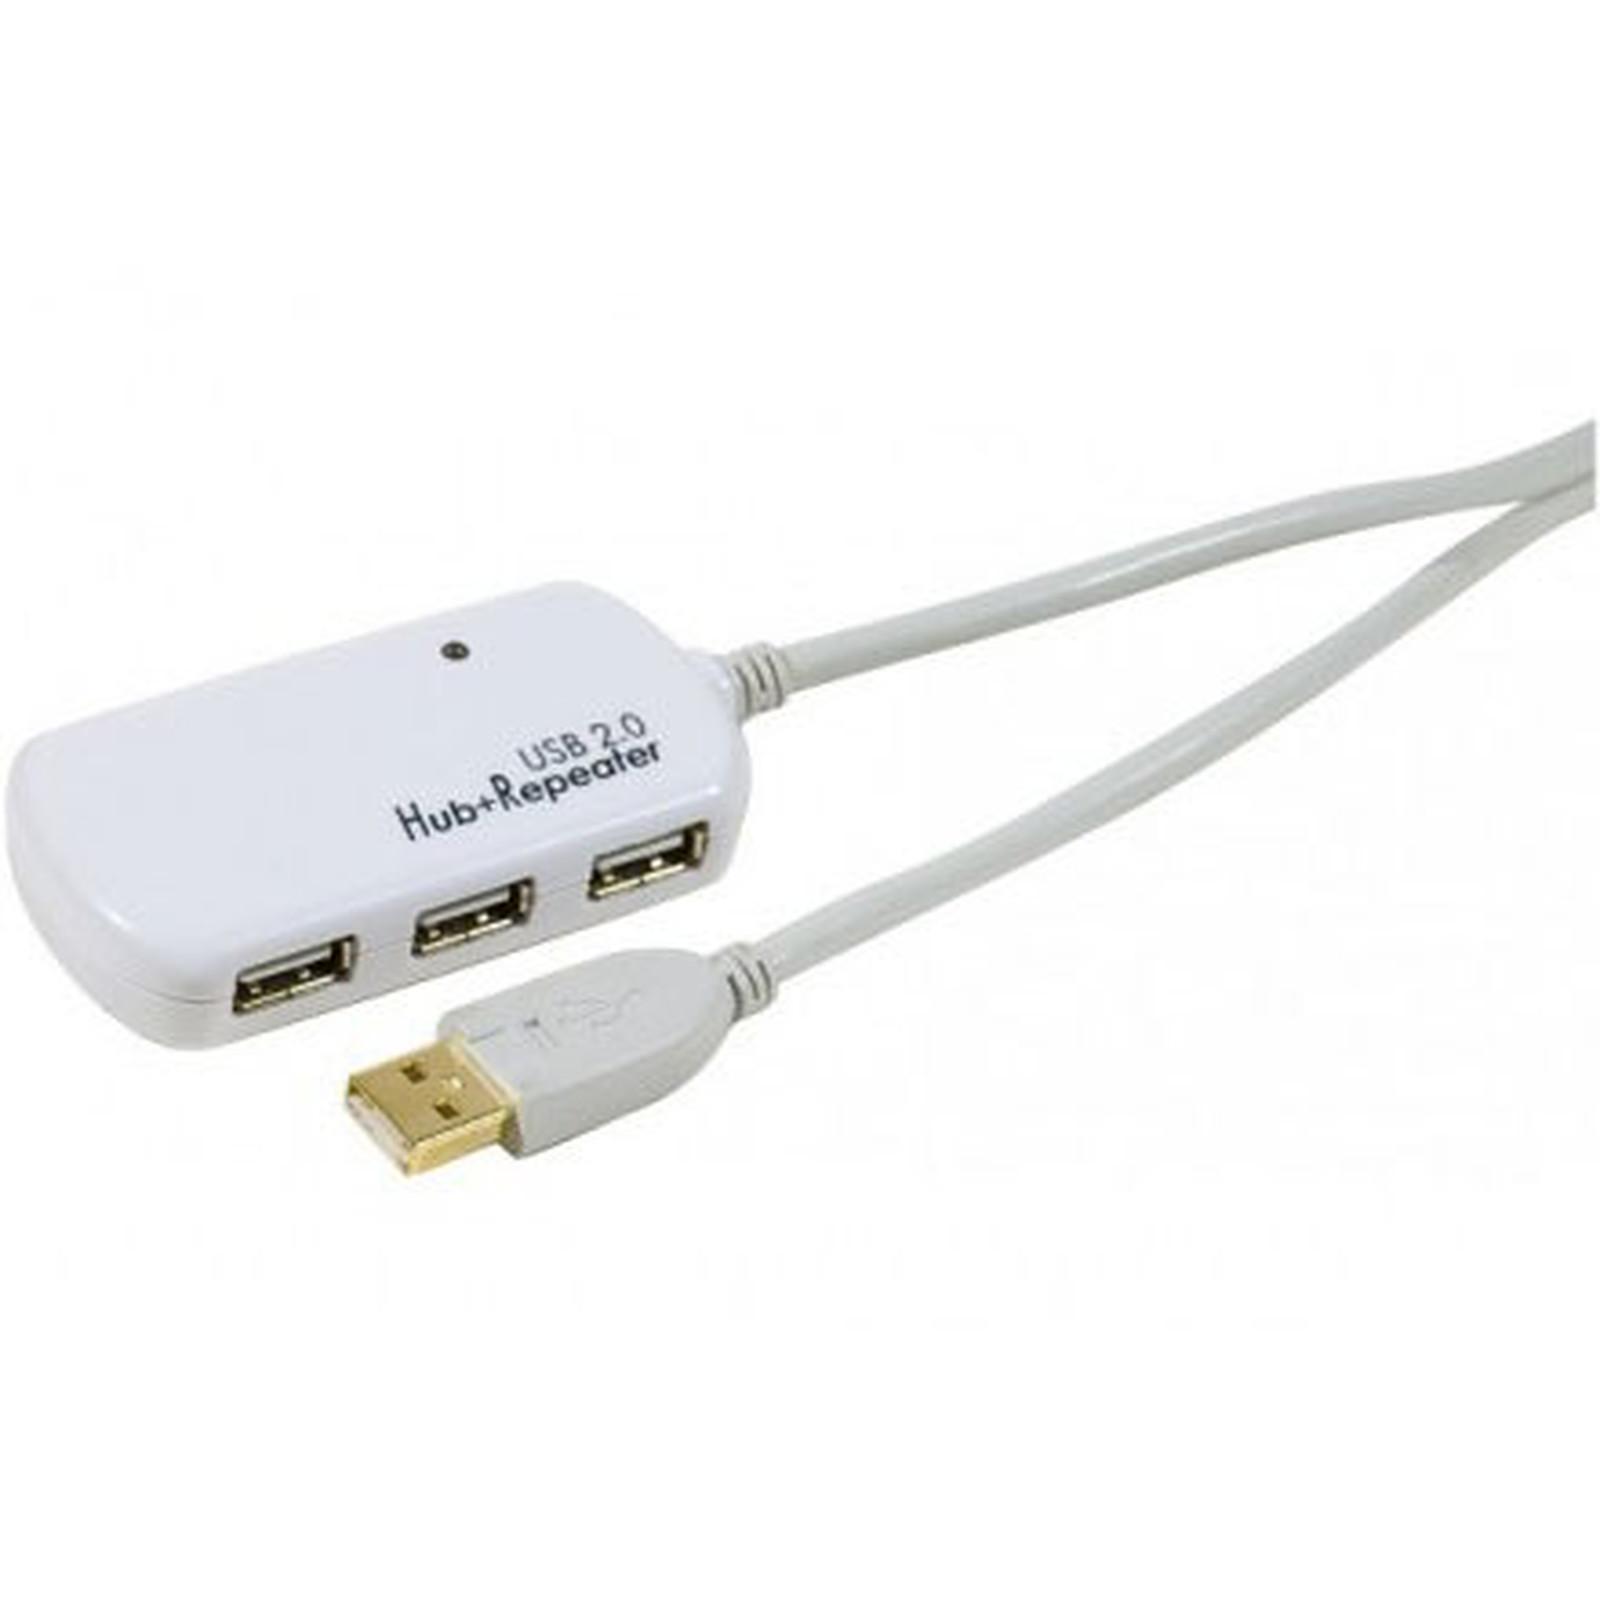 Hub USB 2.0 (4 ports) avec câble répéteur actif (12 mètres)